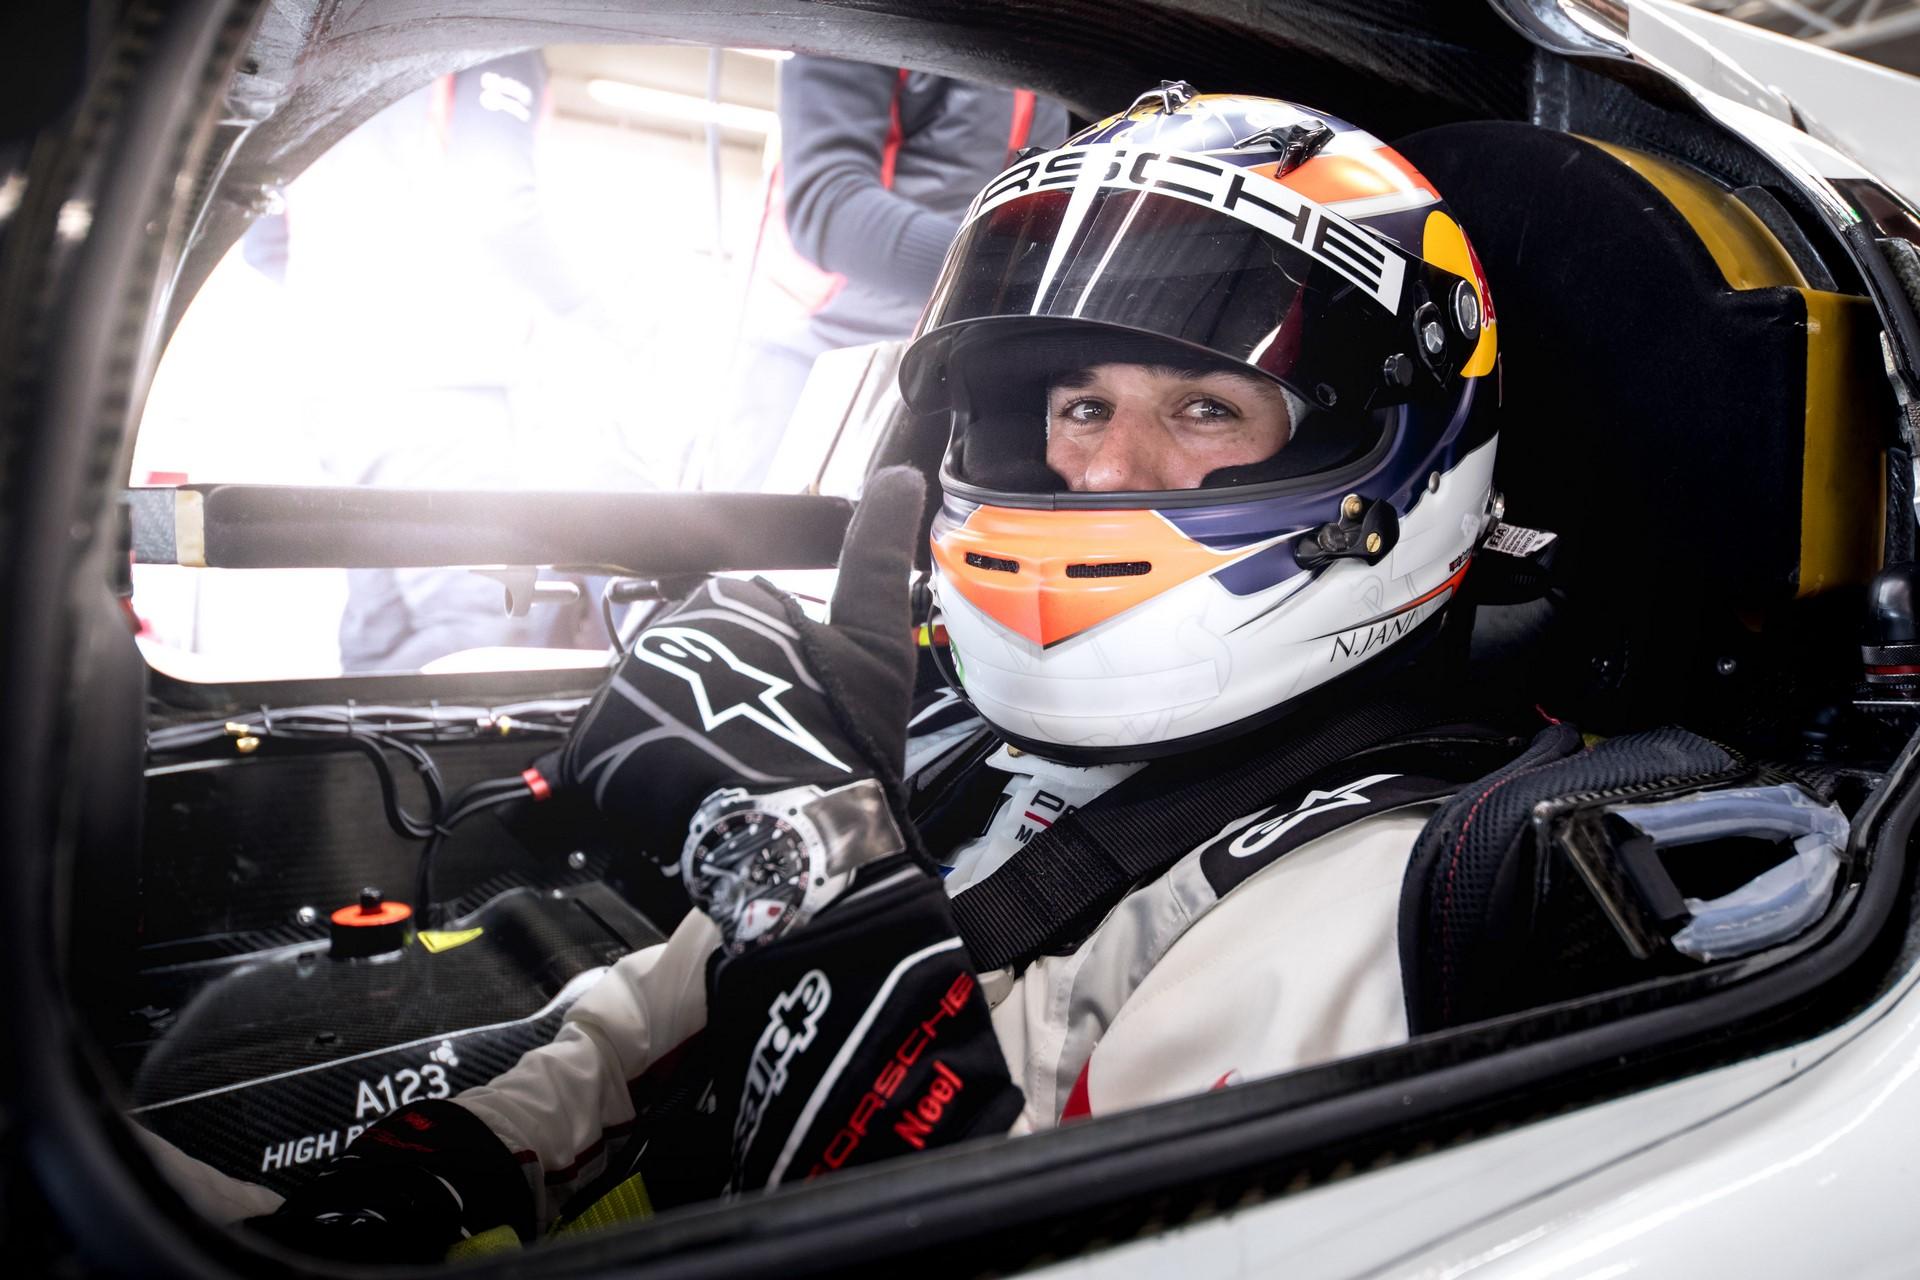 Porsche 919 Hybrid Evo, Porsche LMP Team: Neel Jani